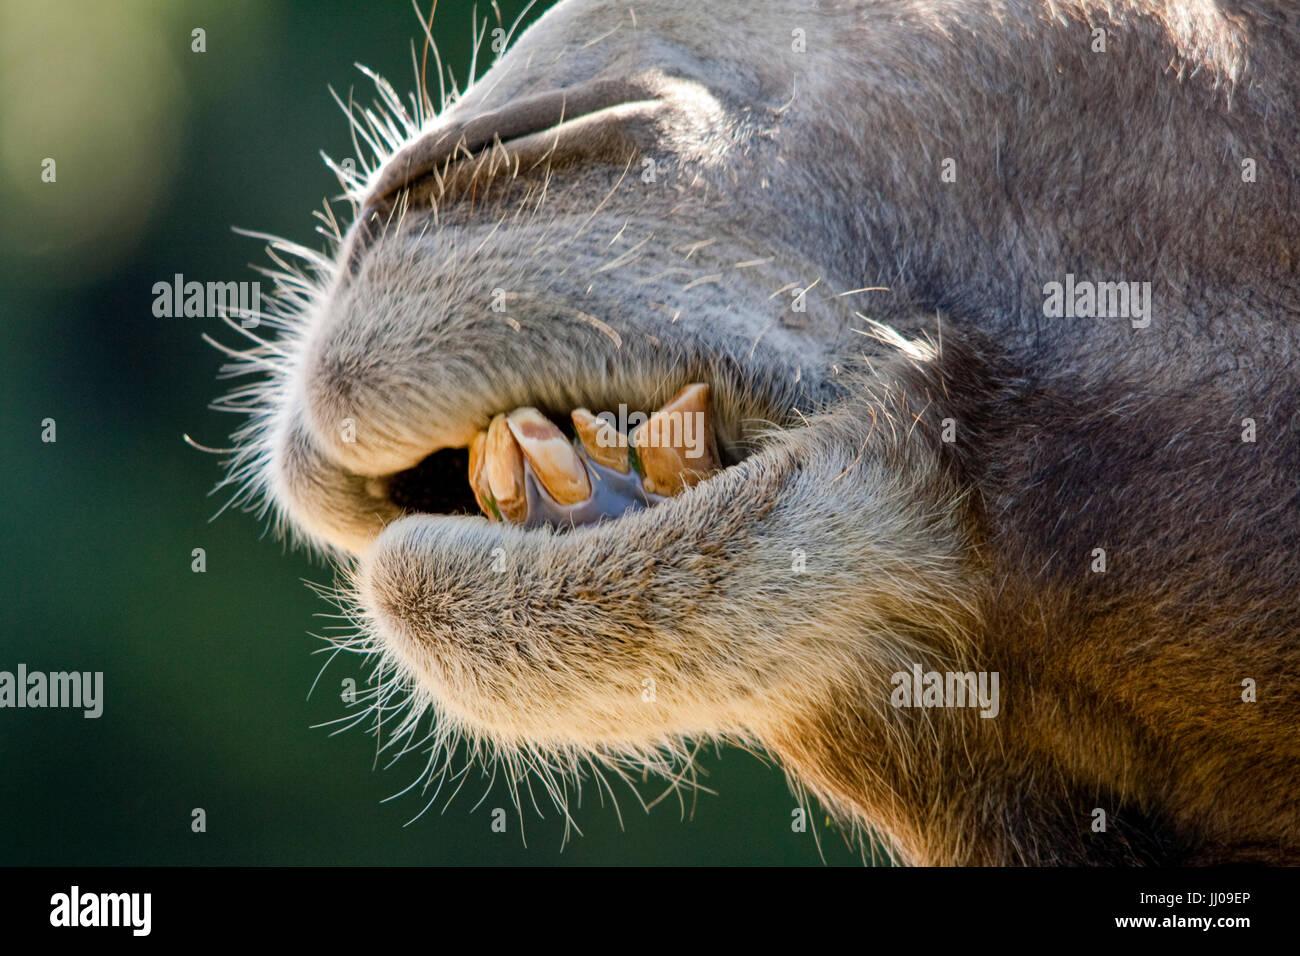 Zähne kamel Zähne in der Nähe zeigt, unebenen staggared gebeizt verzerrt Abgesplitterte getragen Stockbild